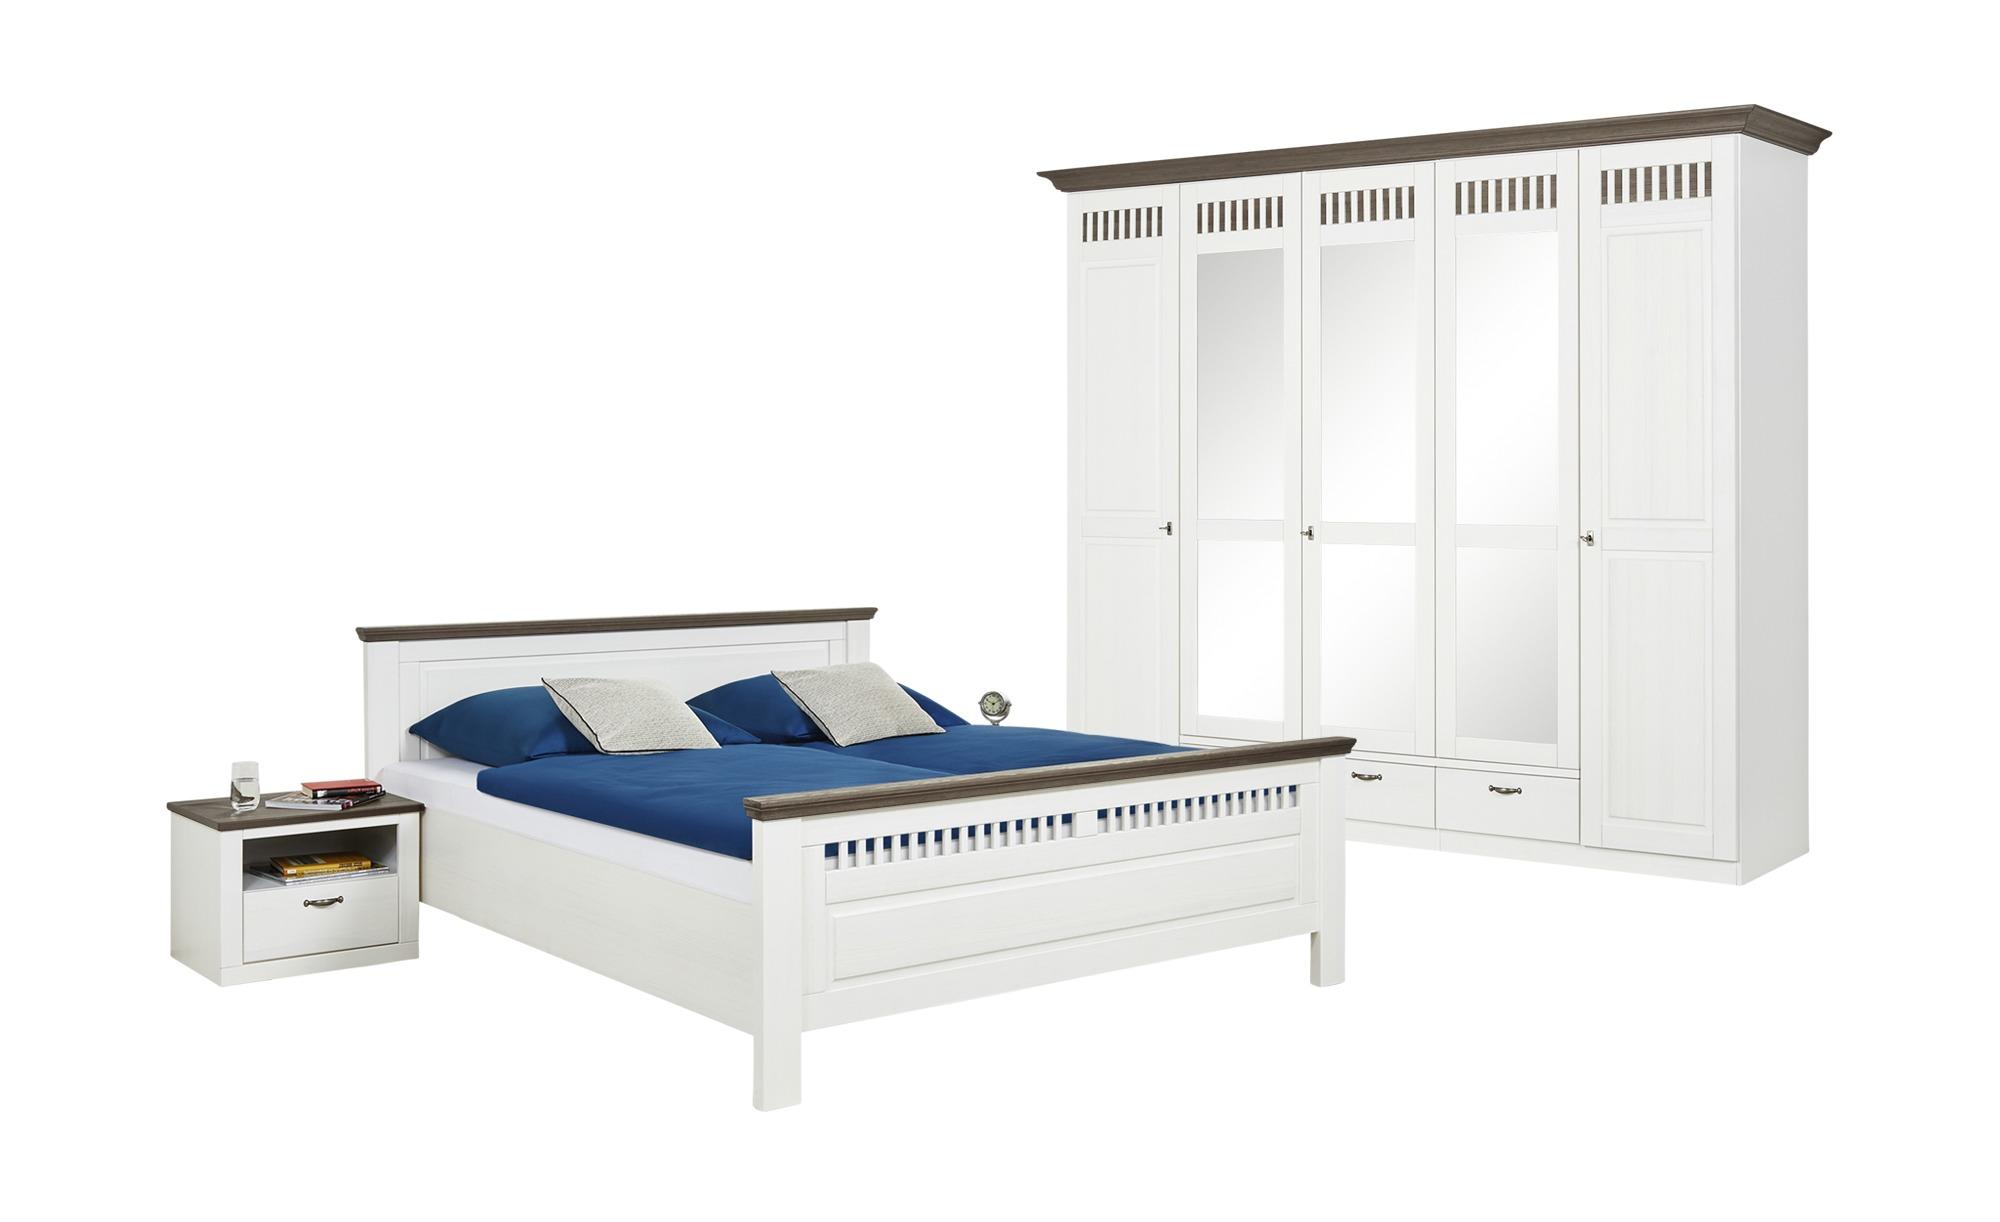 Woodford Schlafzimmer, 4-teilig Monza - weiß - 262 cm - 221 cm - 63 cm -  Komplett-Schlafzimmer - Möbel Kraft